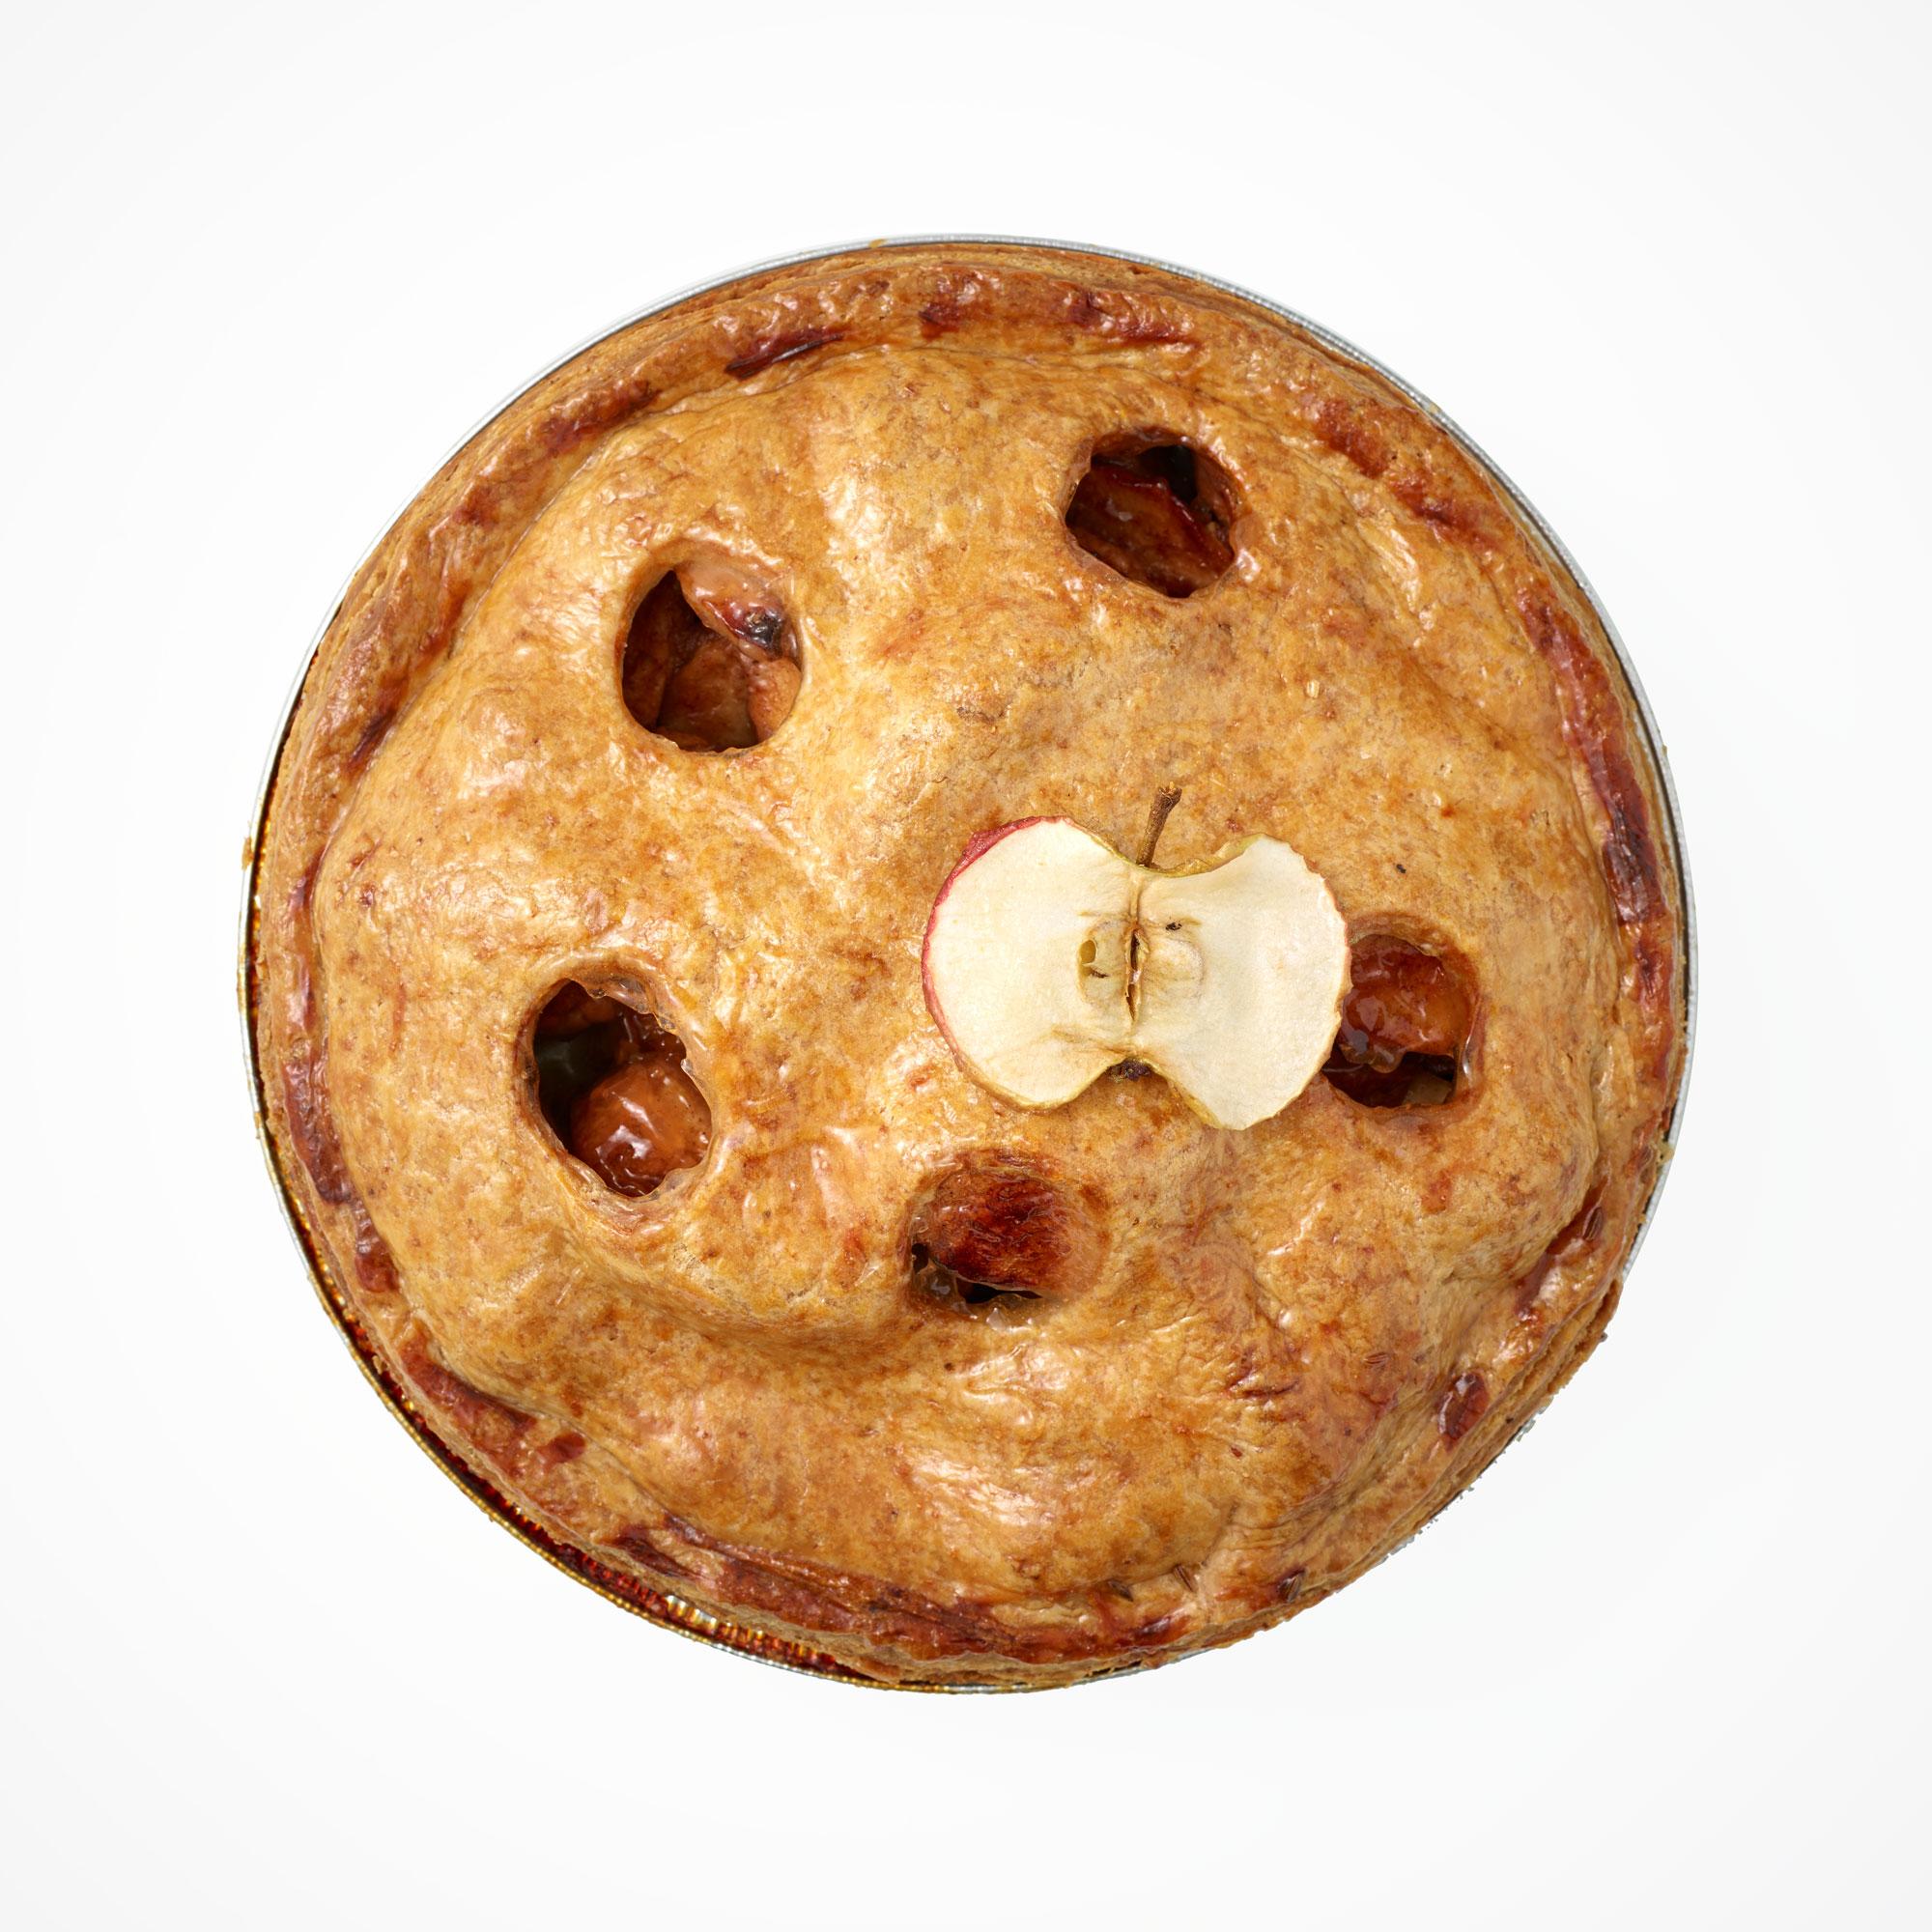 Apple_Pie_10.jpg